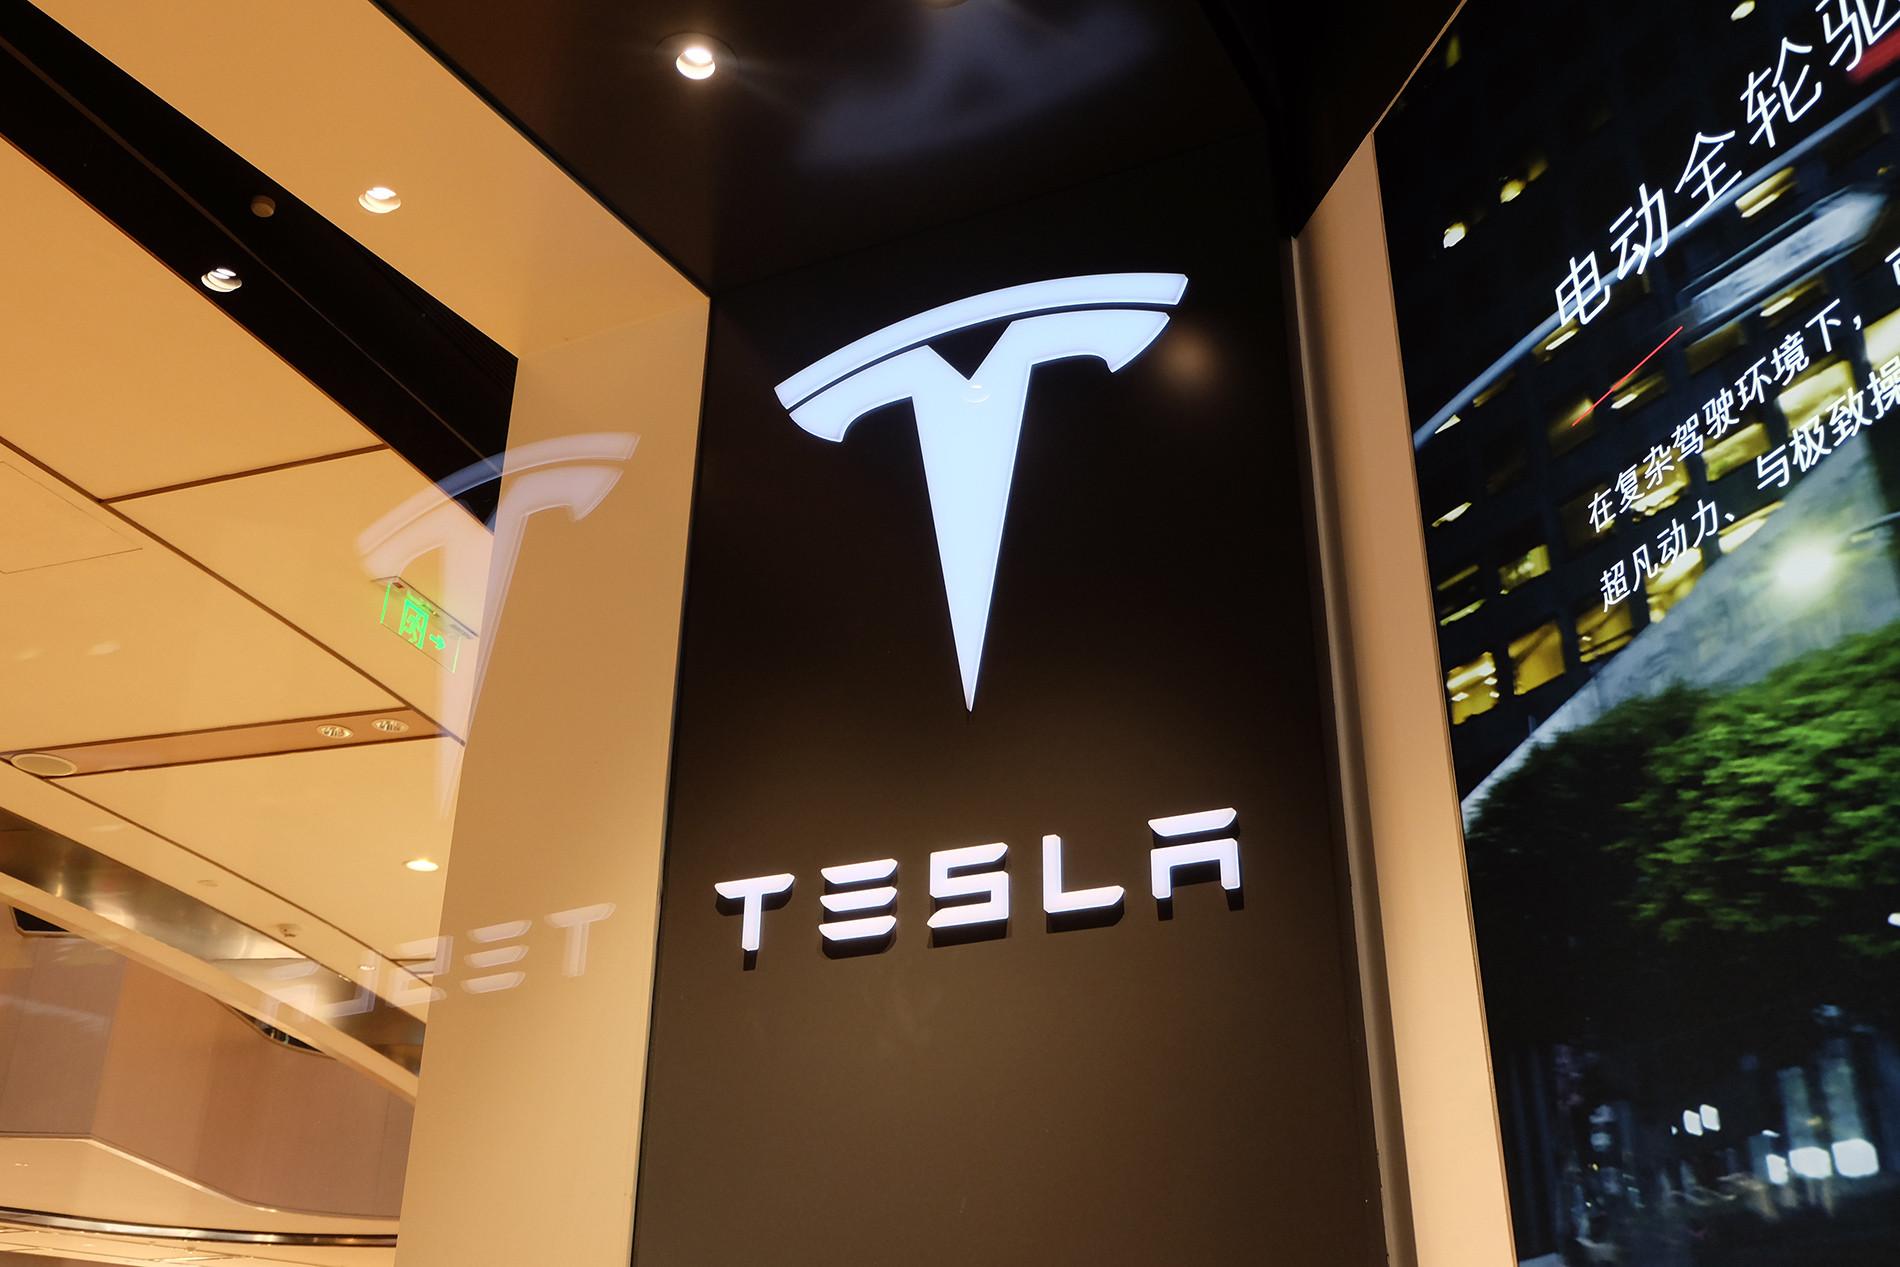 特斯拉上海工厂有望10月底投产,生产线已在测试阶段